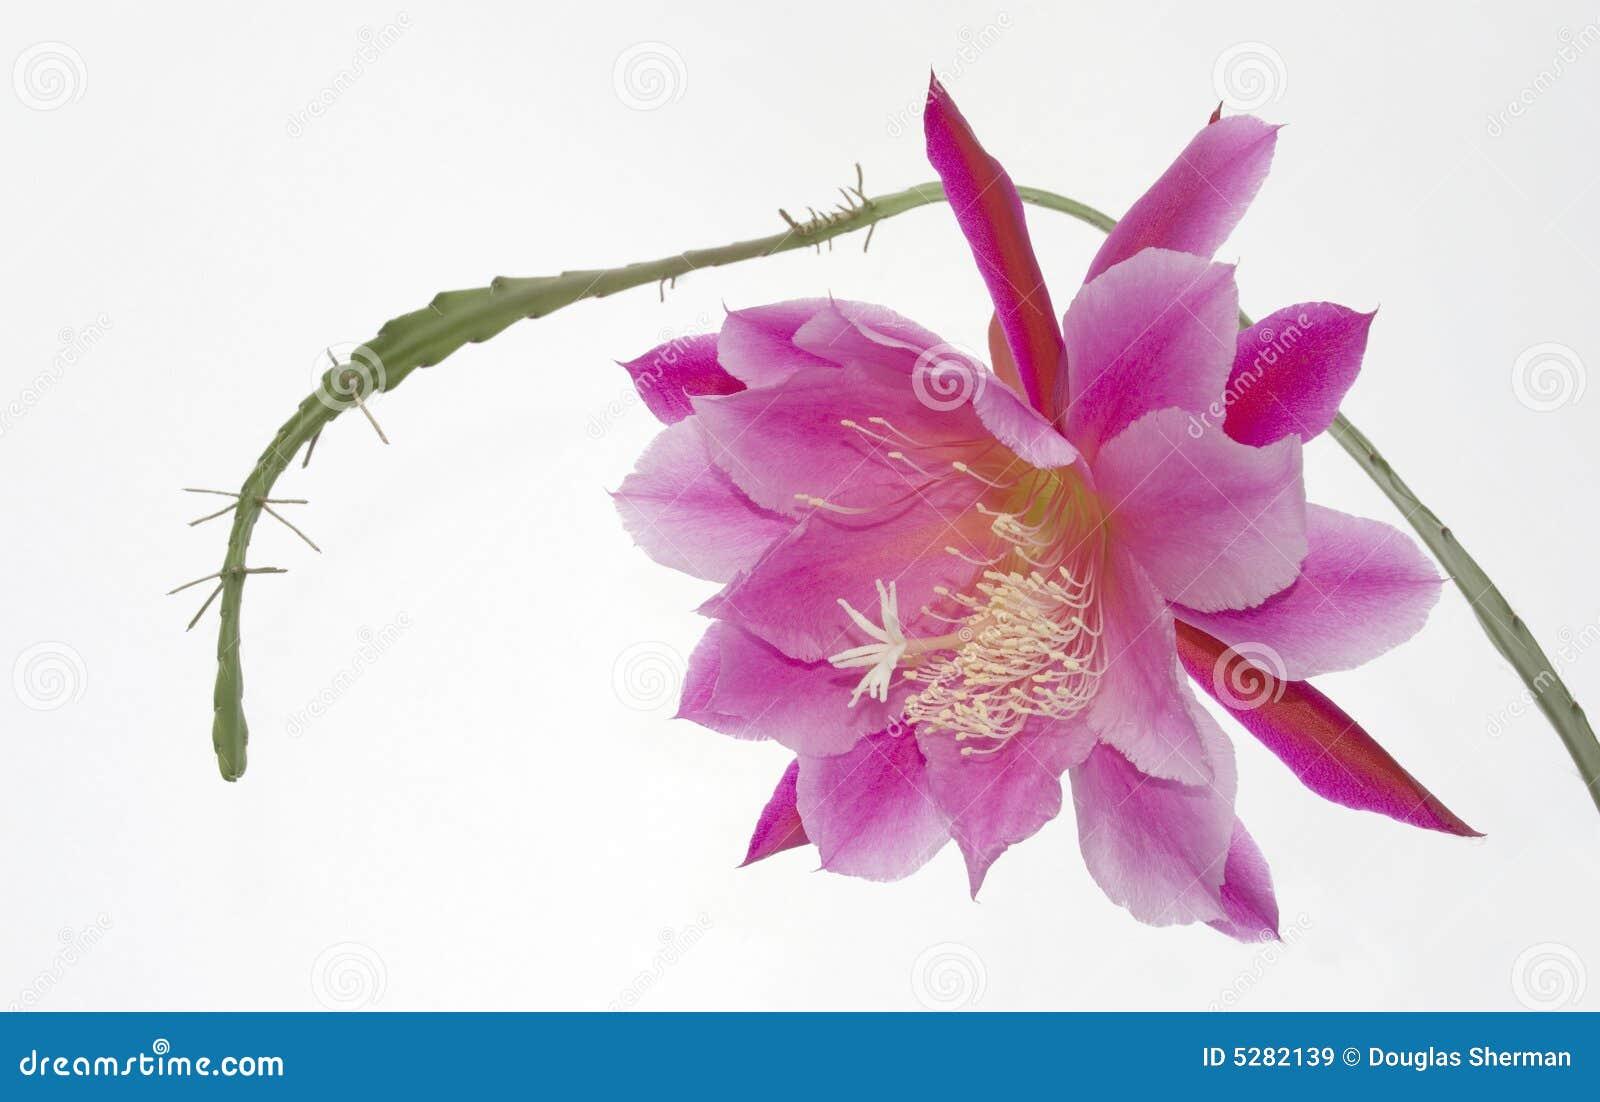 Flor bonita do succulent